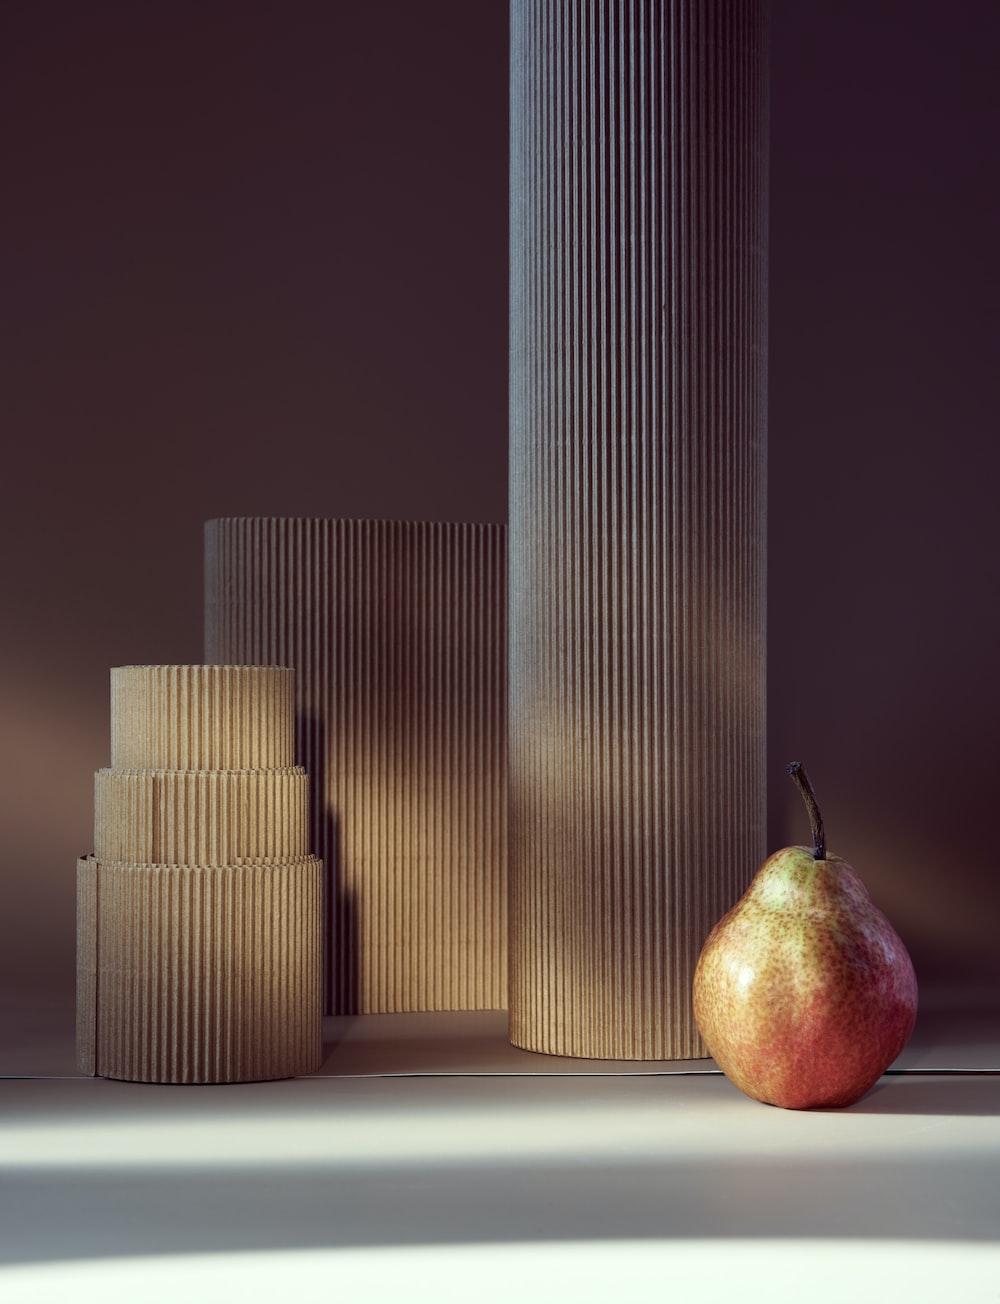 red apple beside gold pillar candles